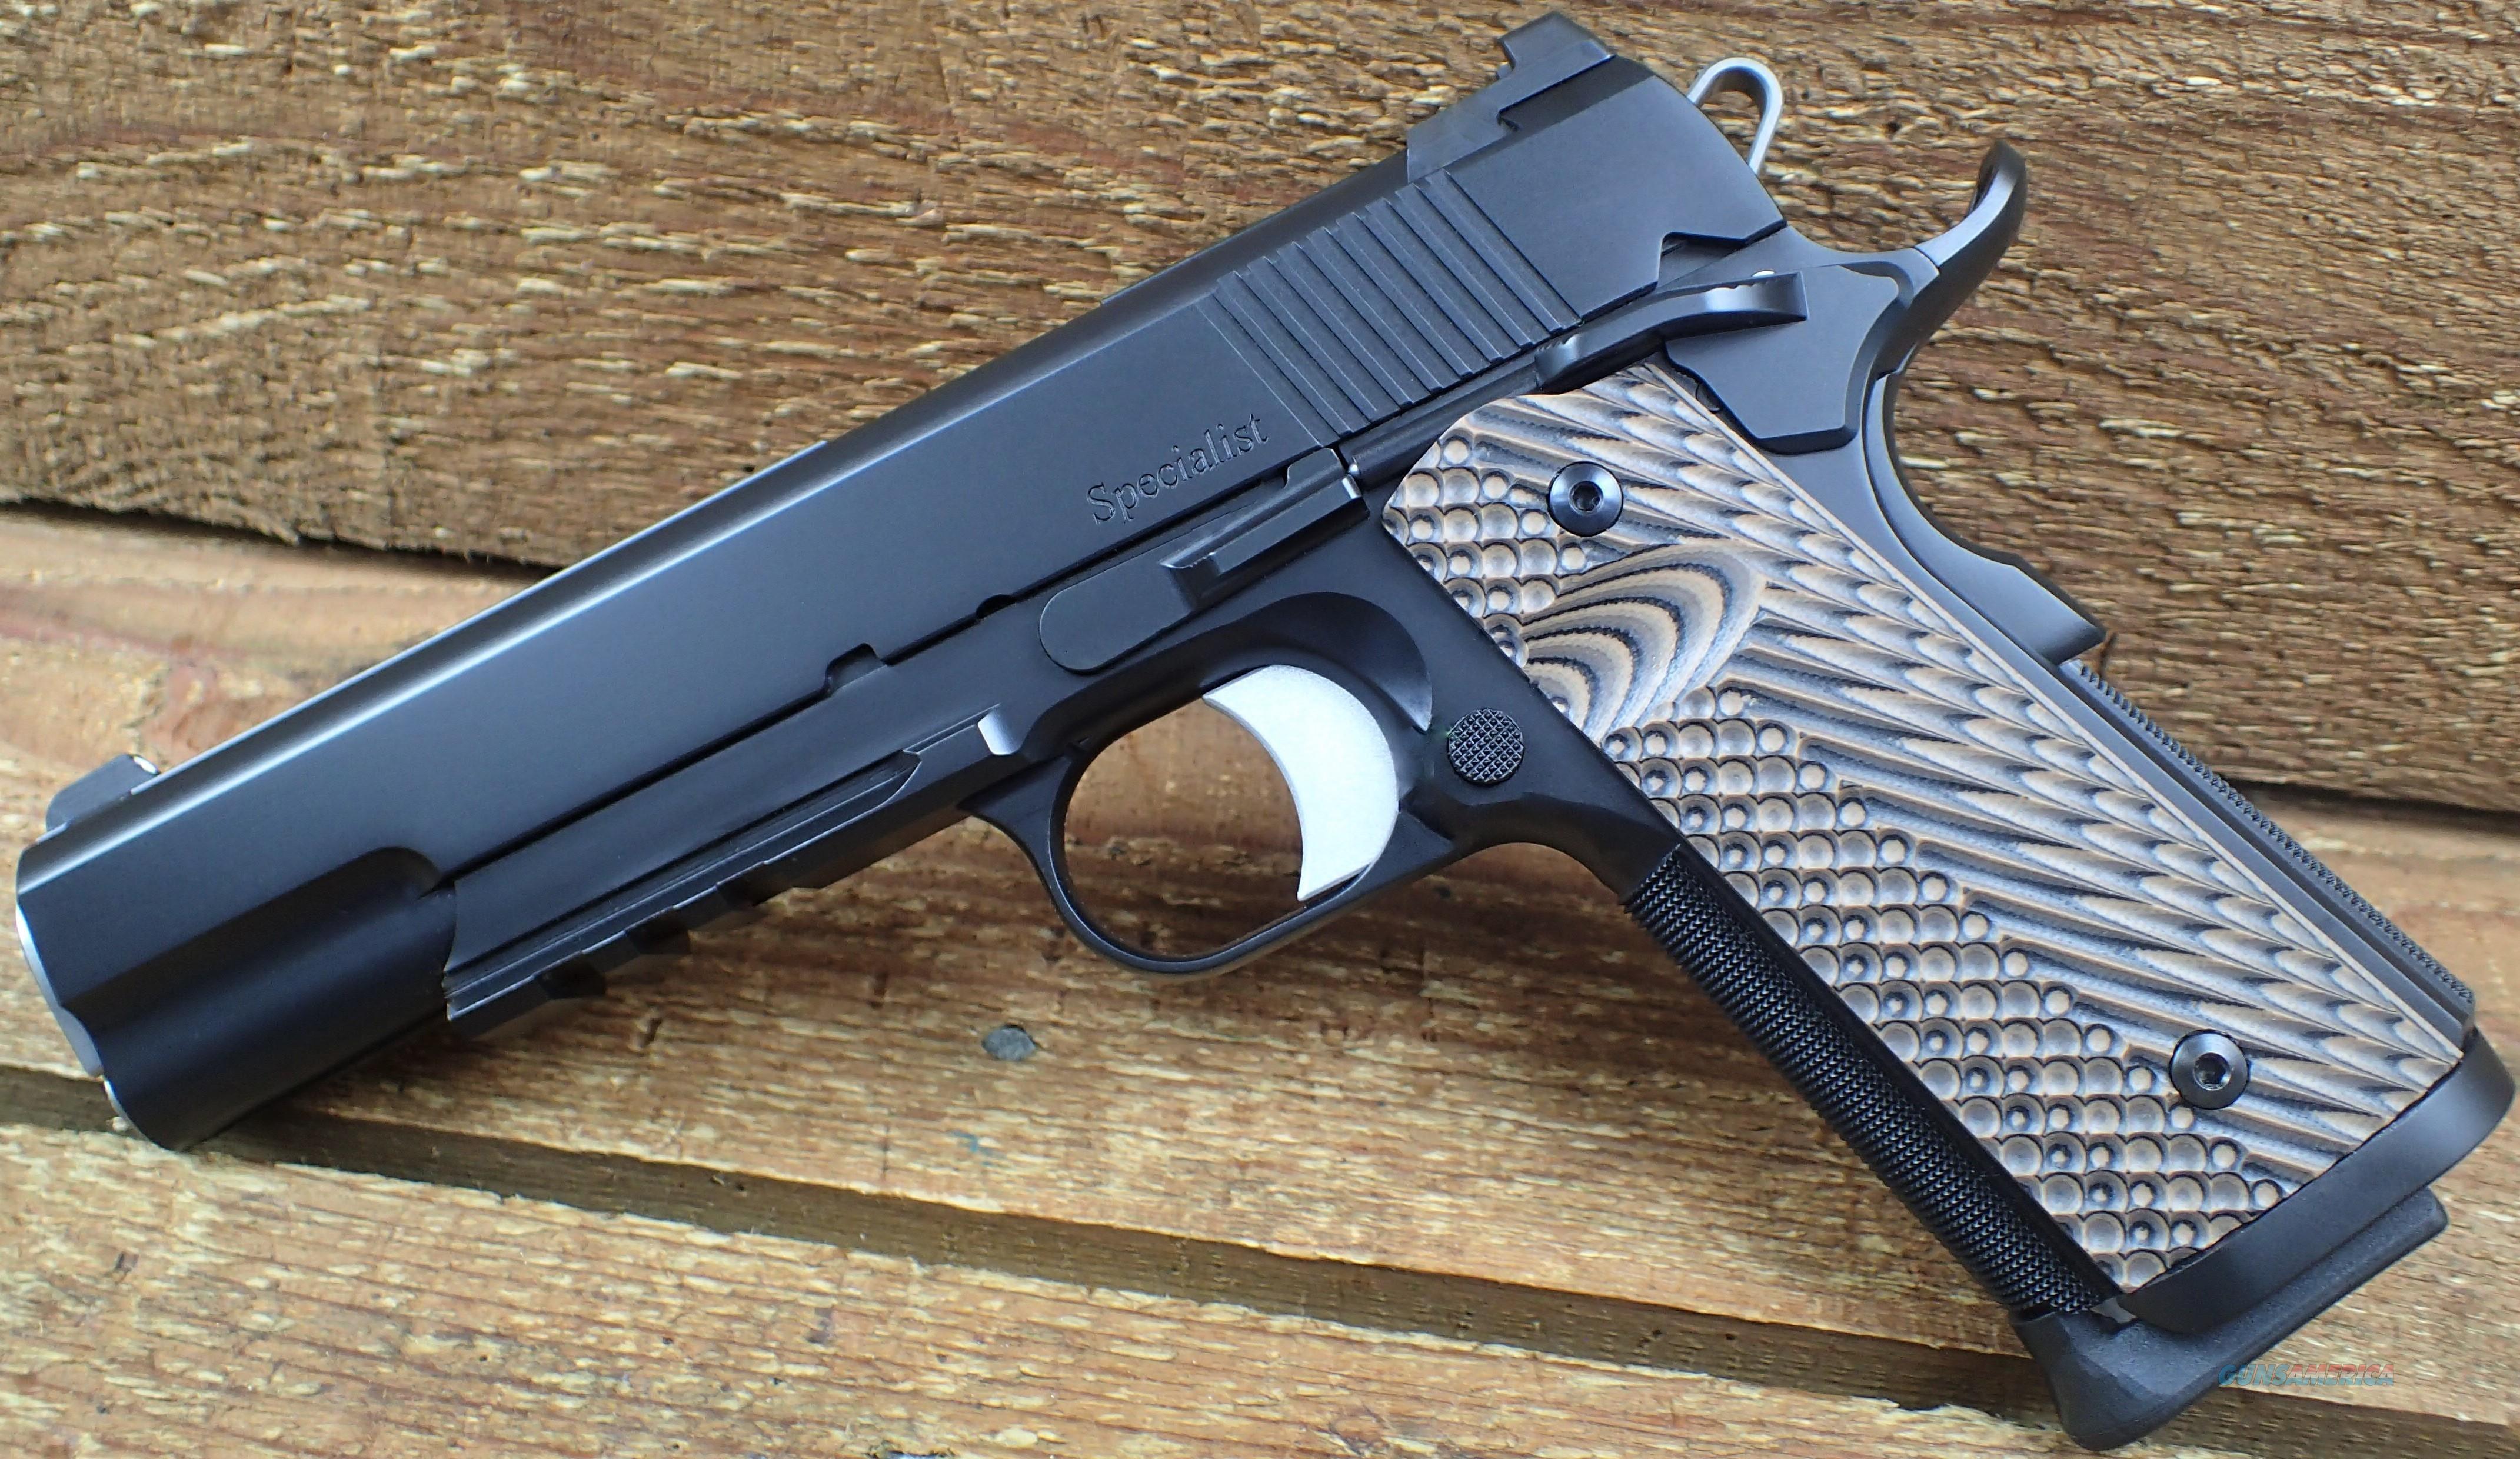 cz Dan Wesson 1911 SPECIALIST 01892 /EZ PAY $160  Guns > Pistols > Dan Wesson Pistols/Revolvers > 1911 Style